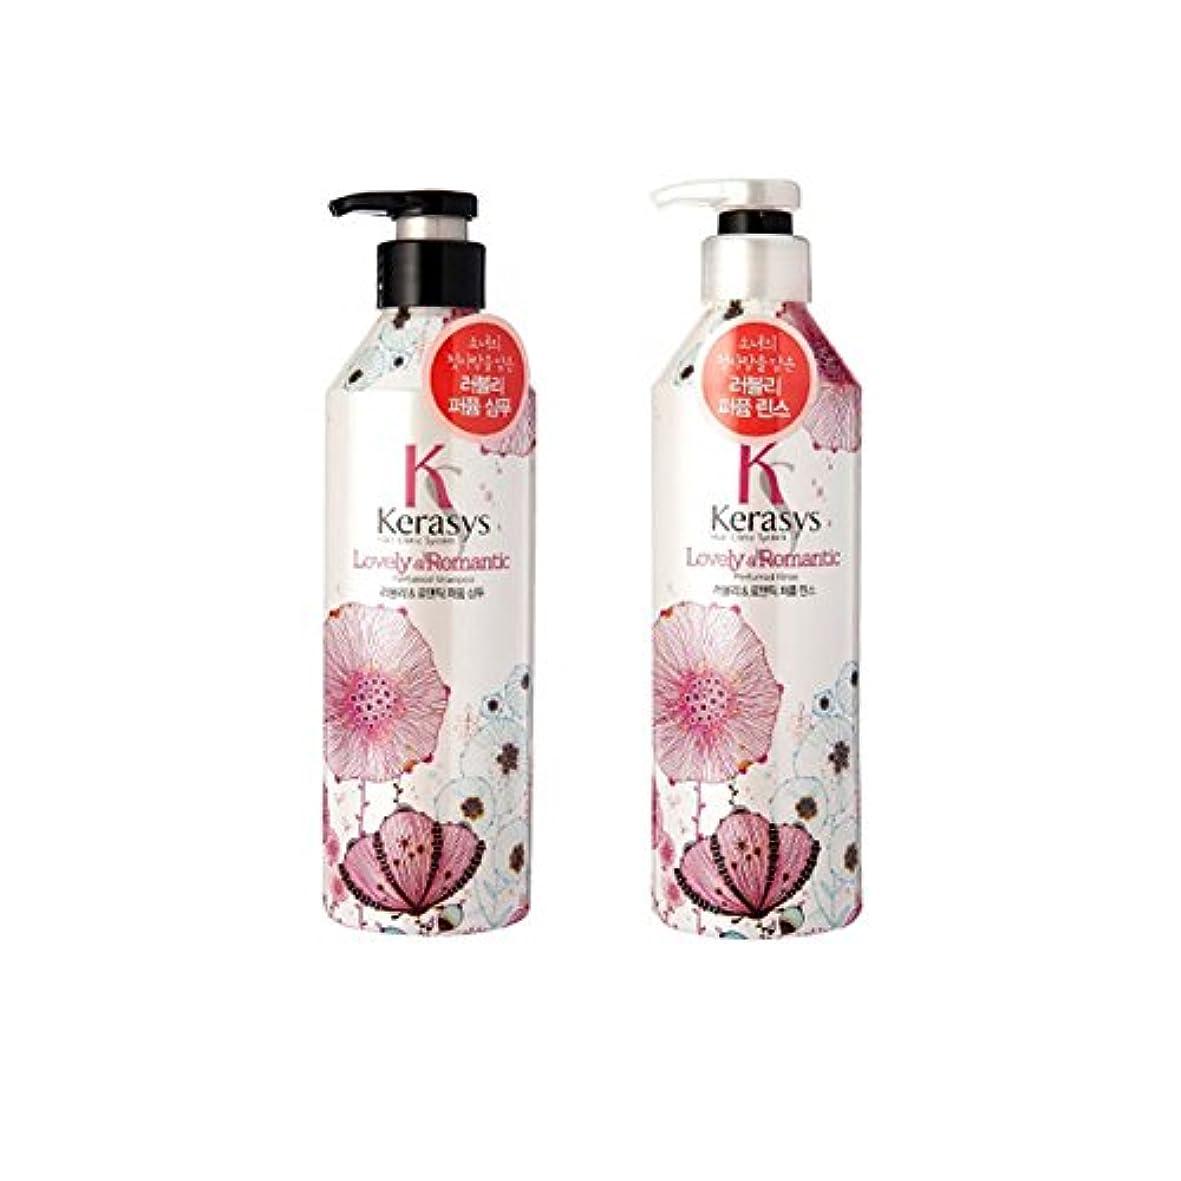 主婦ハイキングよりKerasys Shampoo and Conditioner シャンプー そして リンス(コンディショナー) それぞれ 600ml  (海外直送品) (Lovely Romantic)